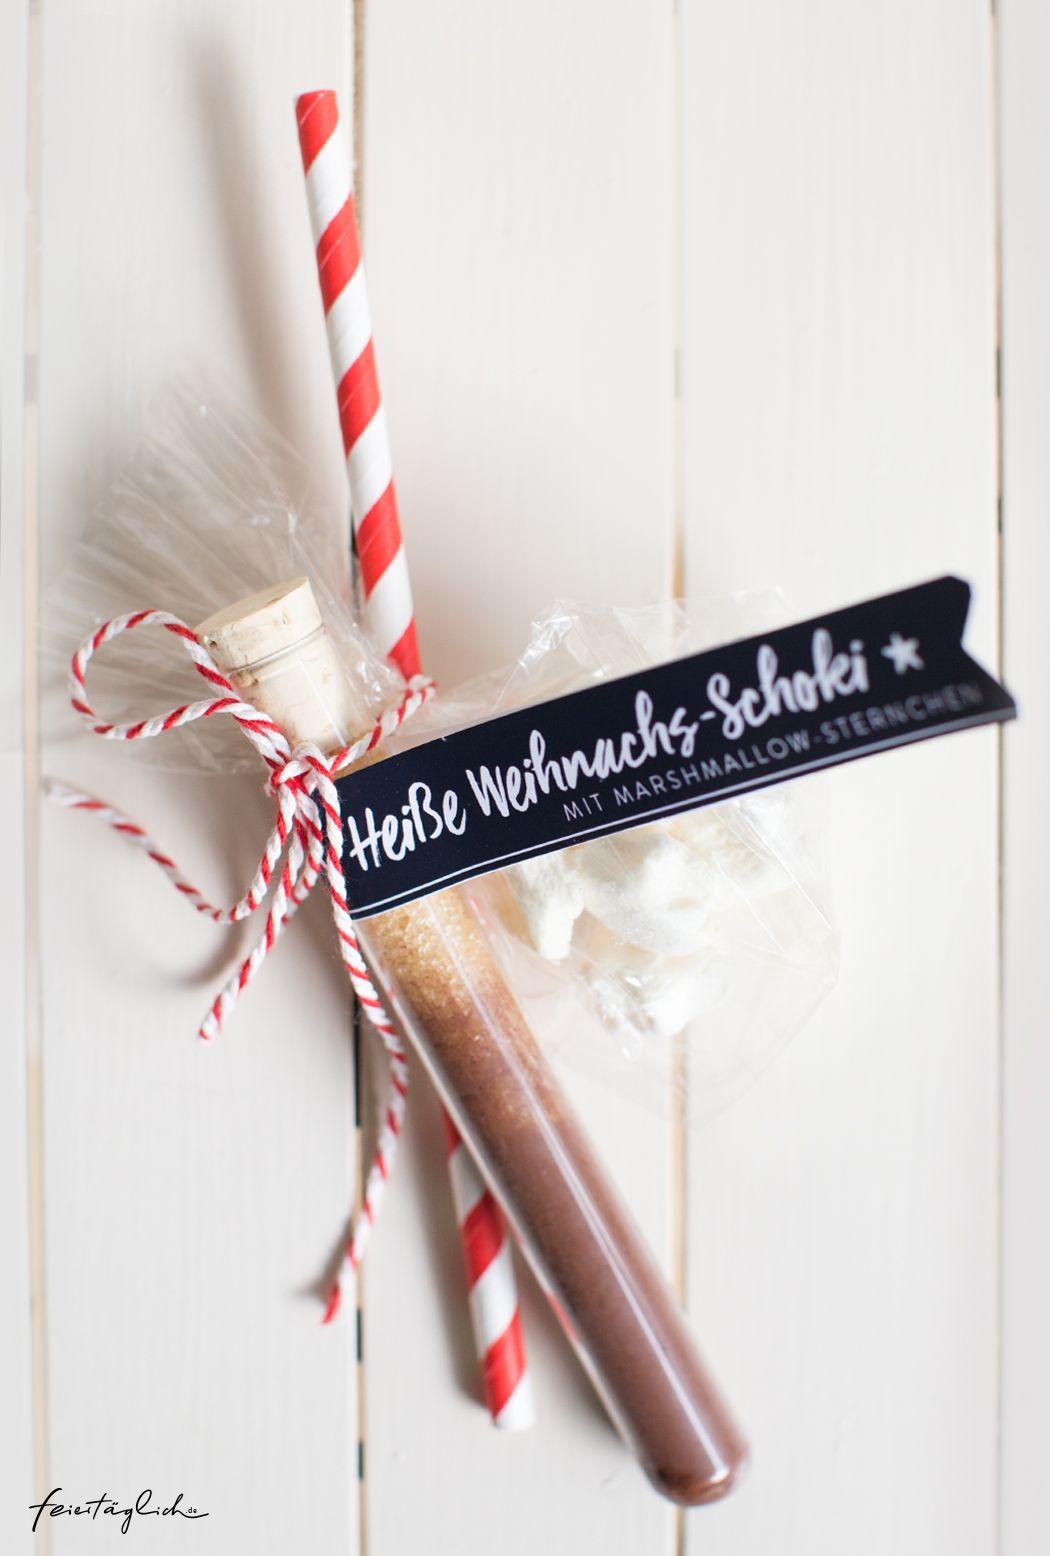 Geschenke aus der Küche: Heiße Weihnachts-Schokolade mit Marshmallow-Sternchen & Free-printable-Labels zum Ausdrucken – feiertäglich…das schöne Leben #weihnachtsgeschenkideen